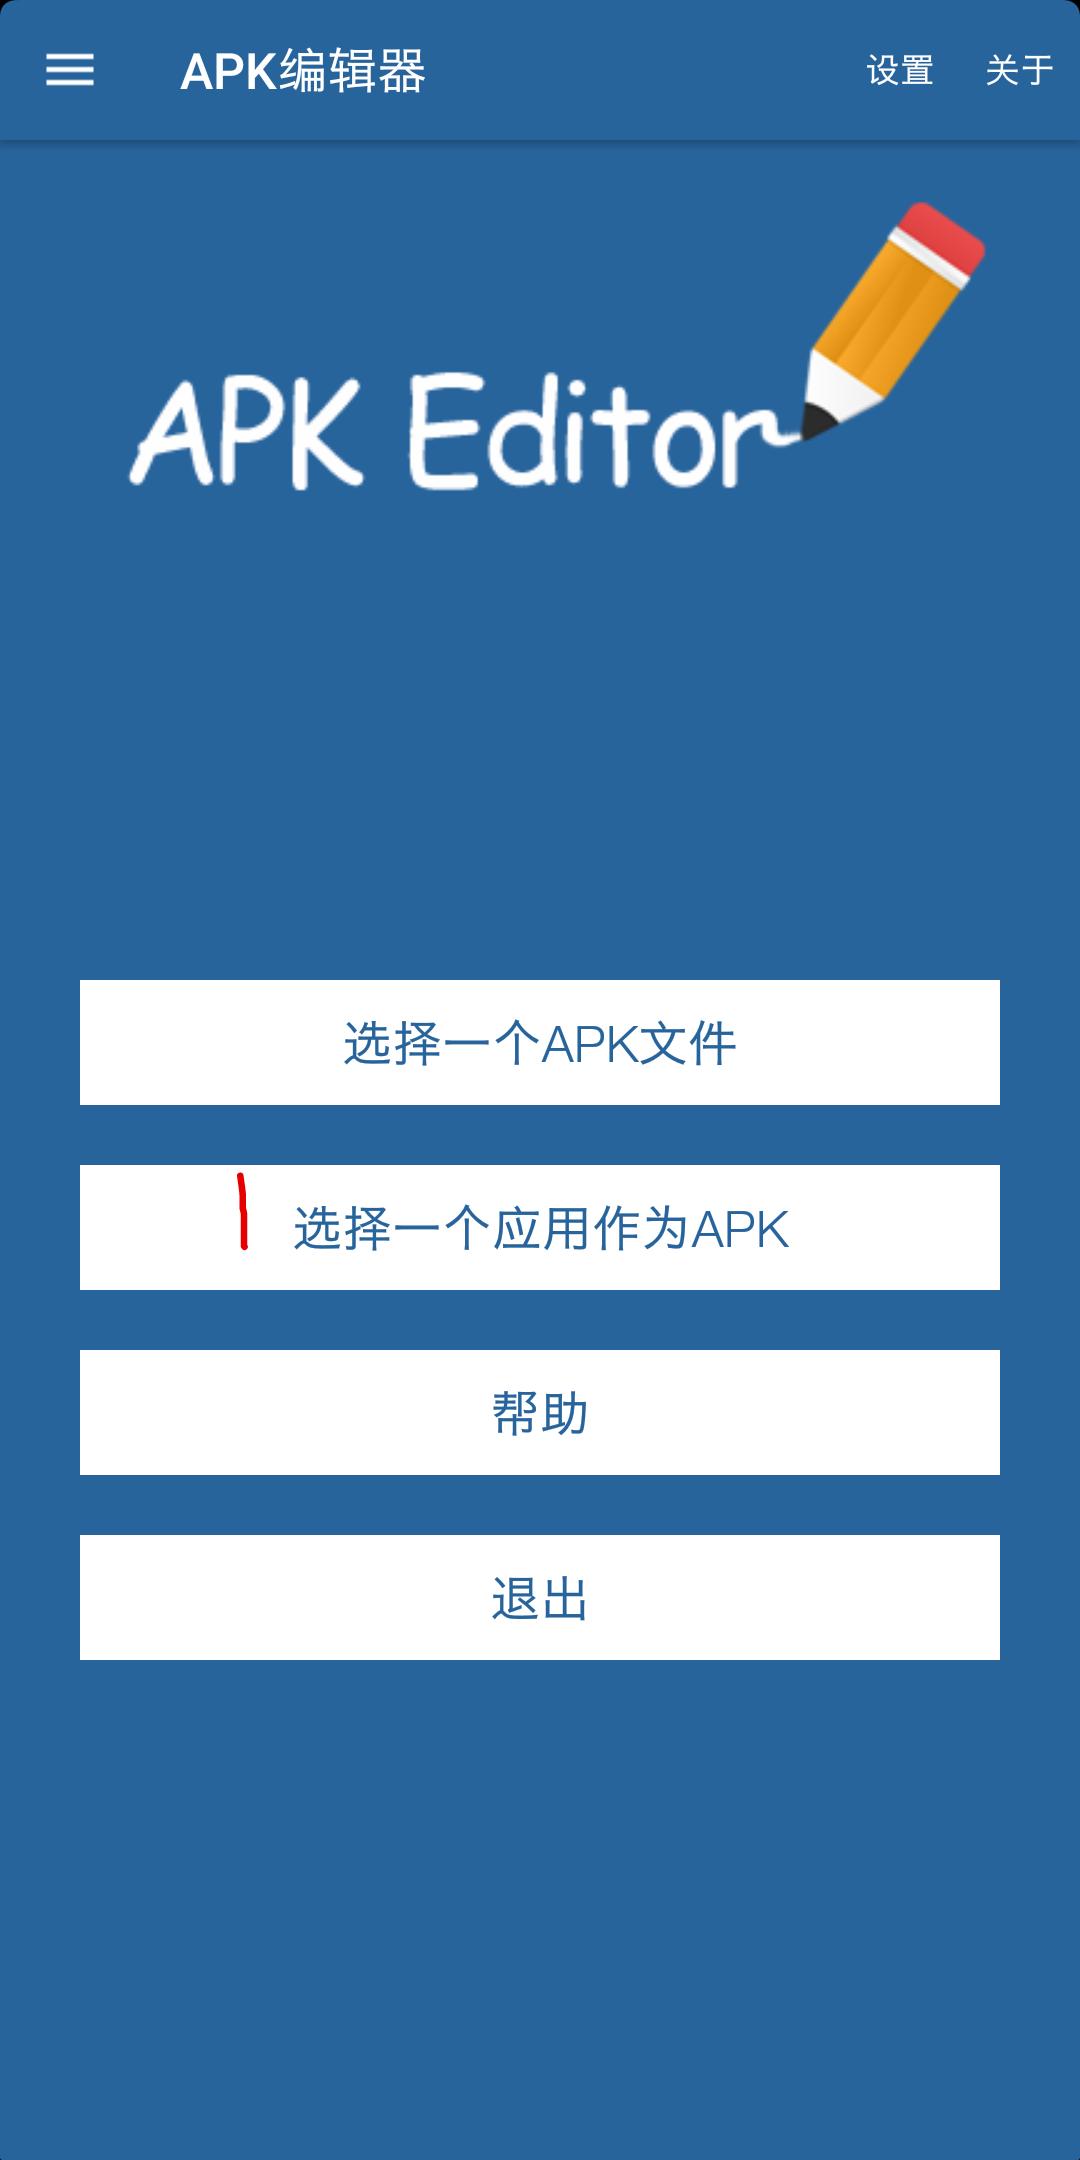 涂鸦_Screenshot_2018-10-29-21-24-09-440_APK编辑器.png